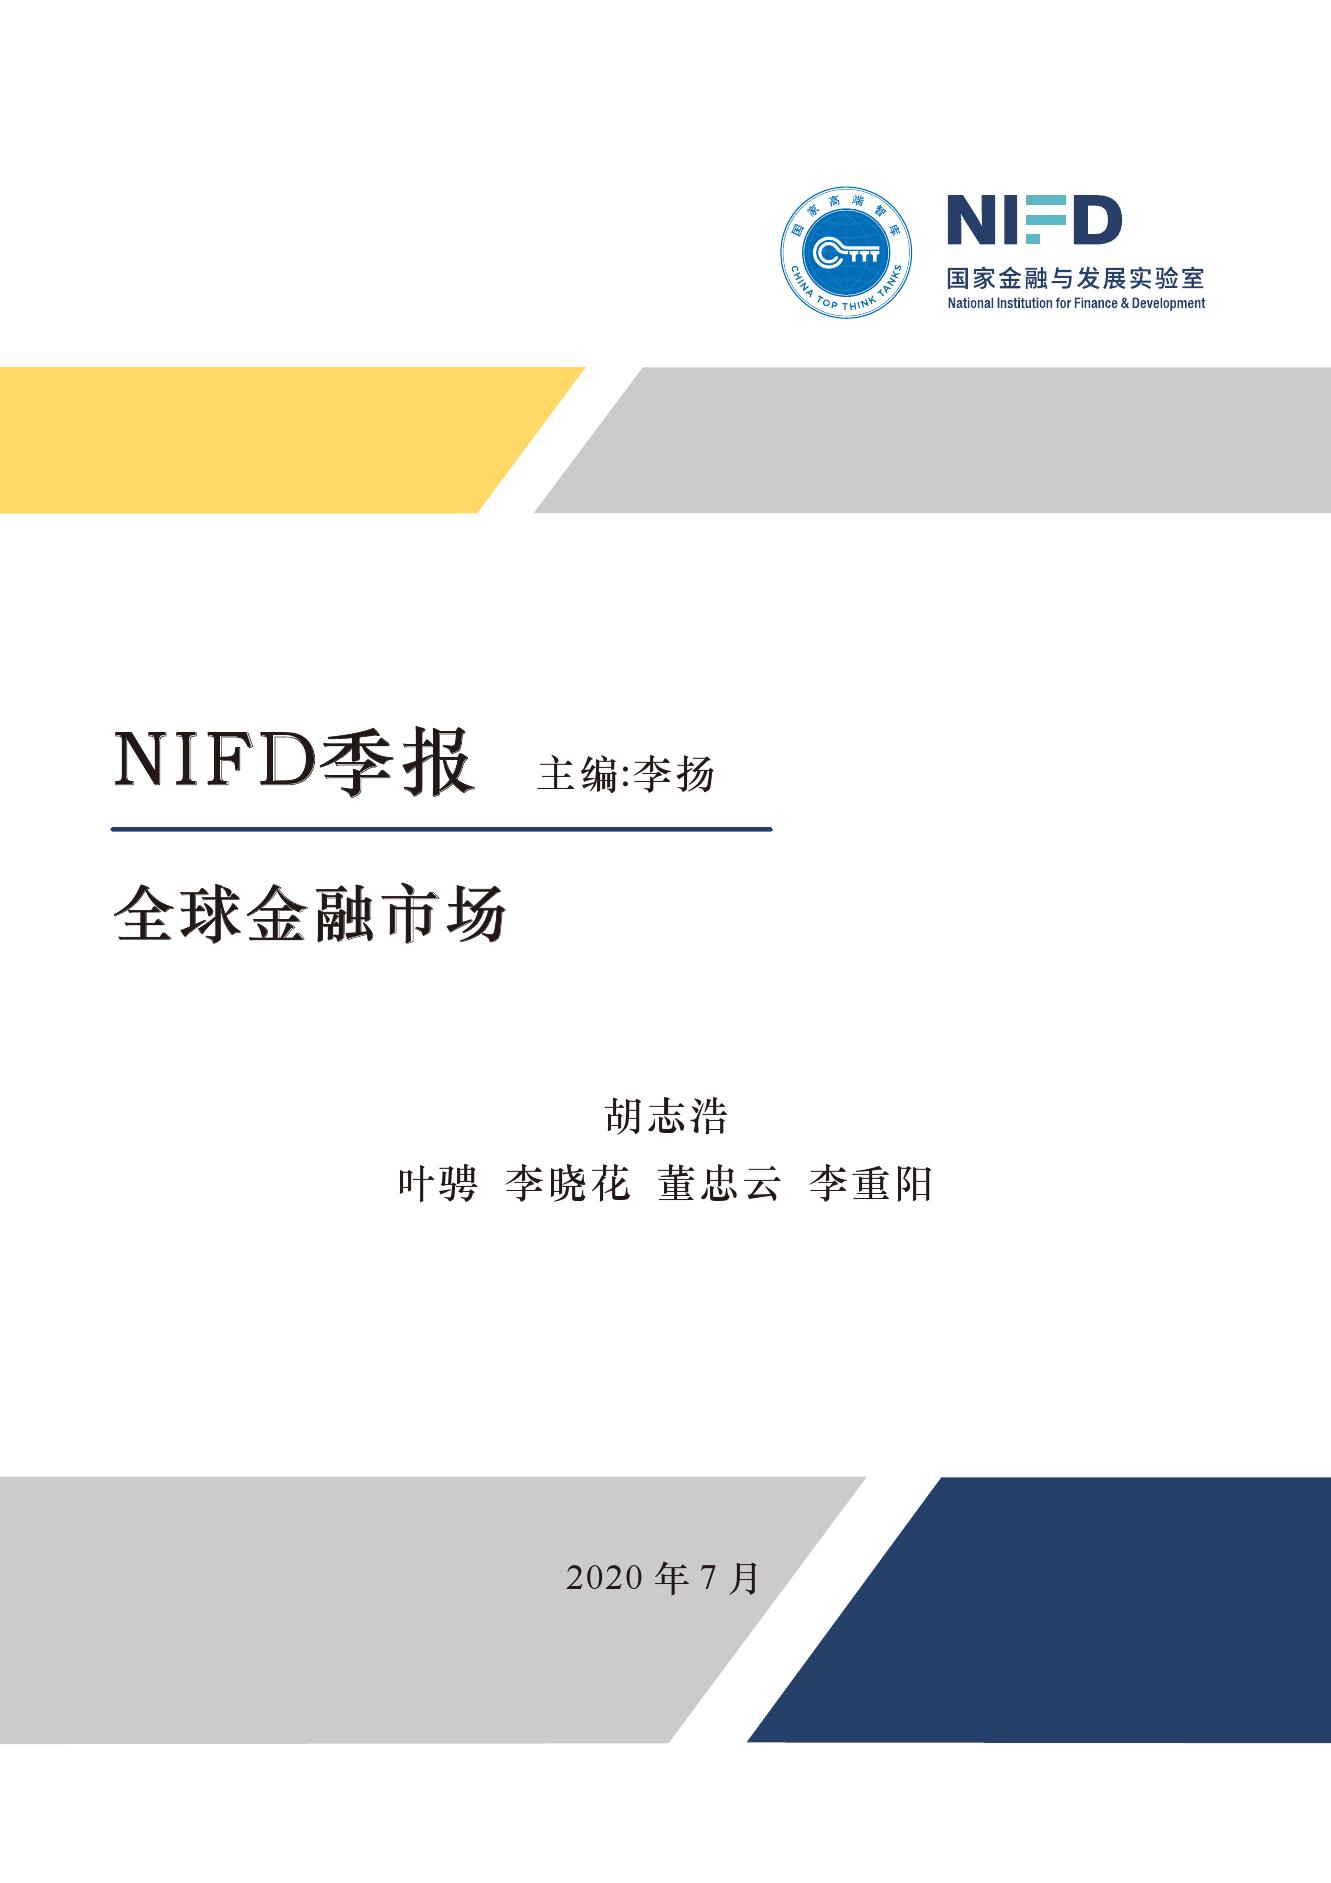 NIFD:2020年Q2全球金融市场报告(附下载)